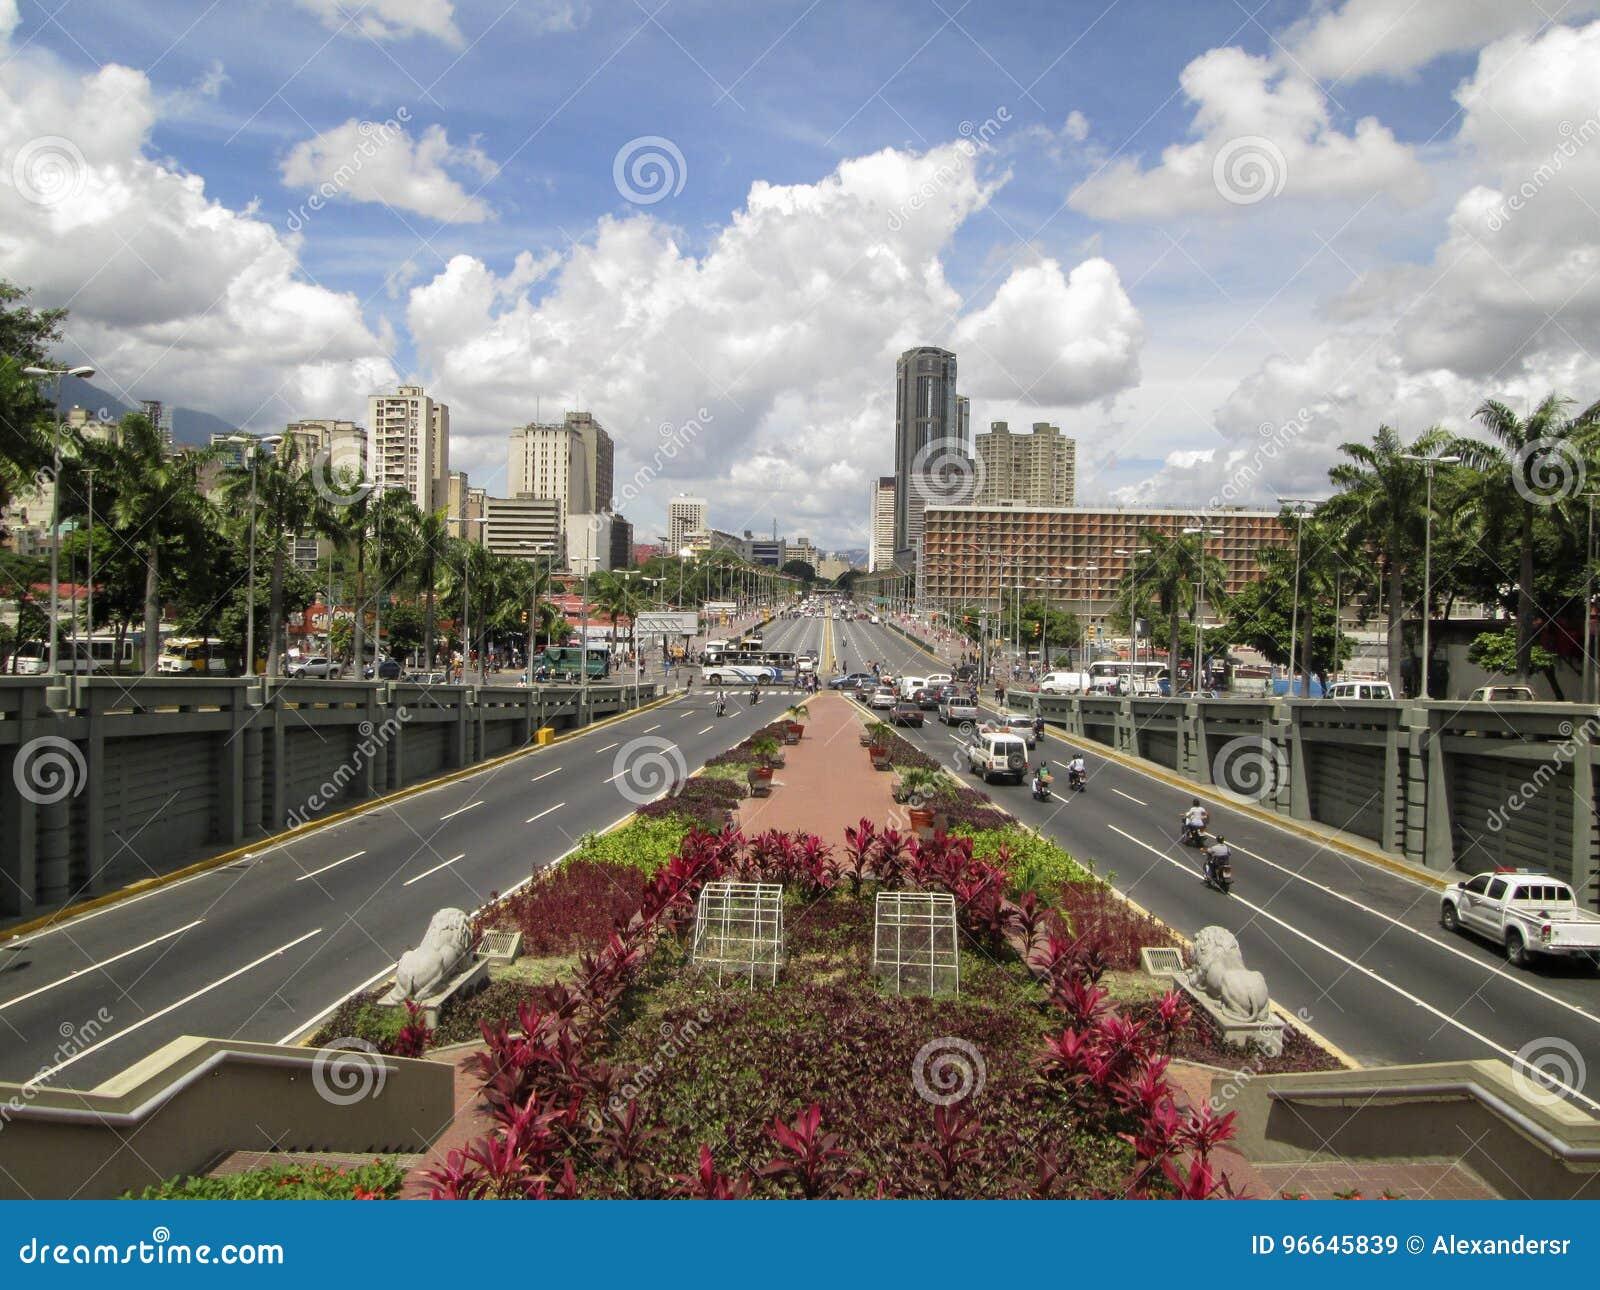 Avenida de Bolivar, Avenida Bolivar, Caracas, Venezuela